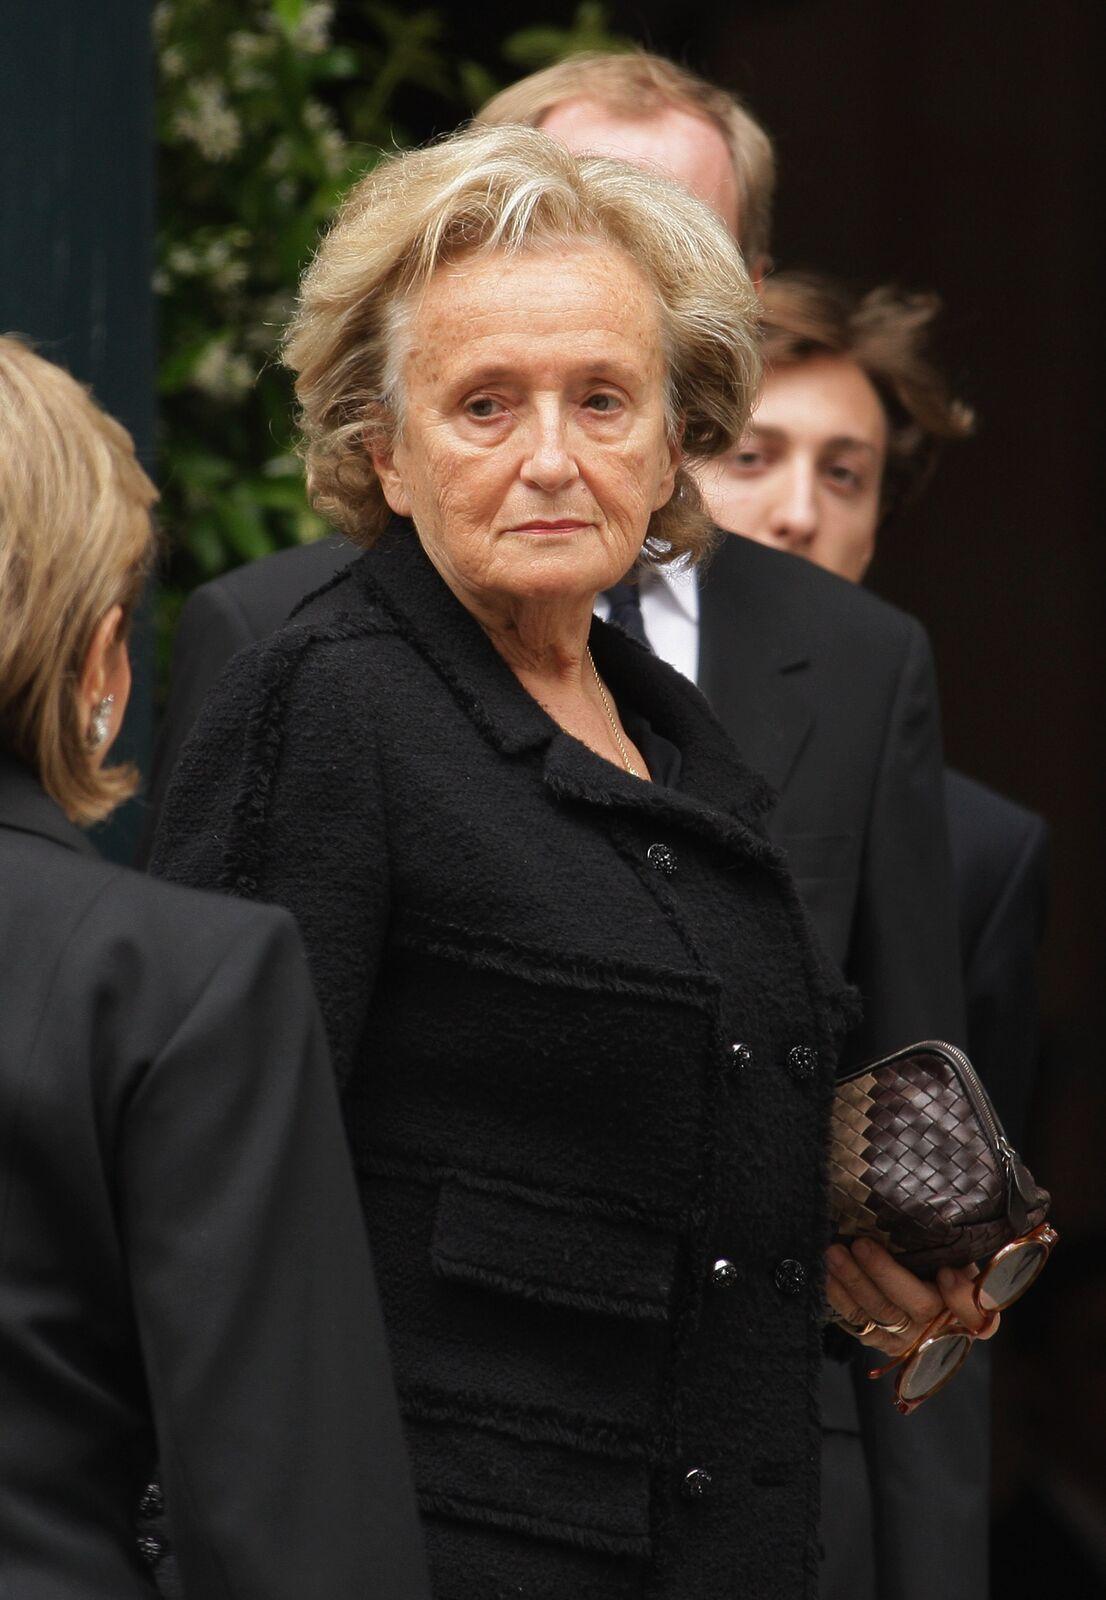 Bernadette Chirac assiste aux funérailles d'Yves Saint Laurent le 5 juin 2008 à l'église Saint-Roch à Paris, France. | Photo : GettyImage